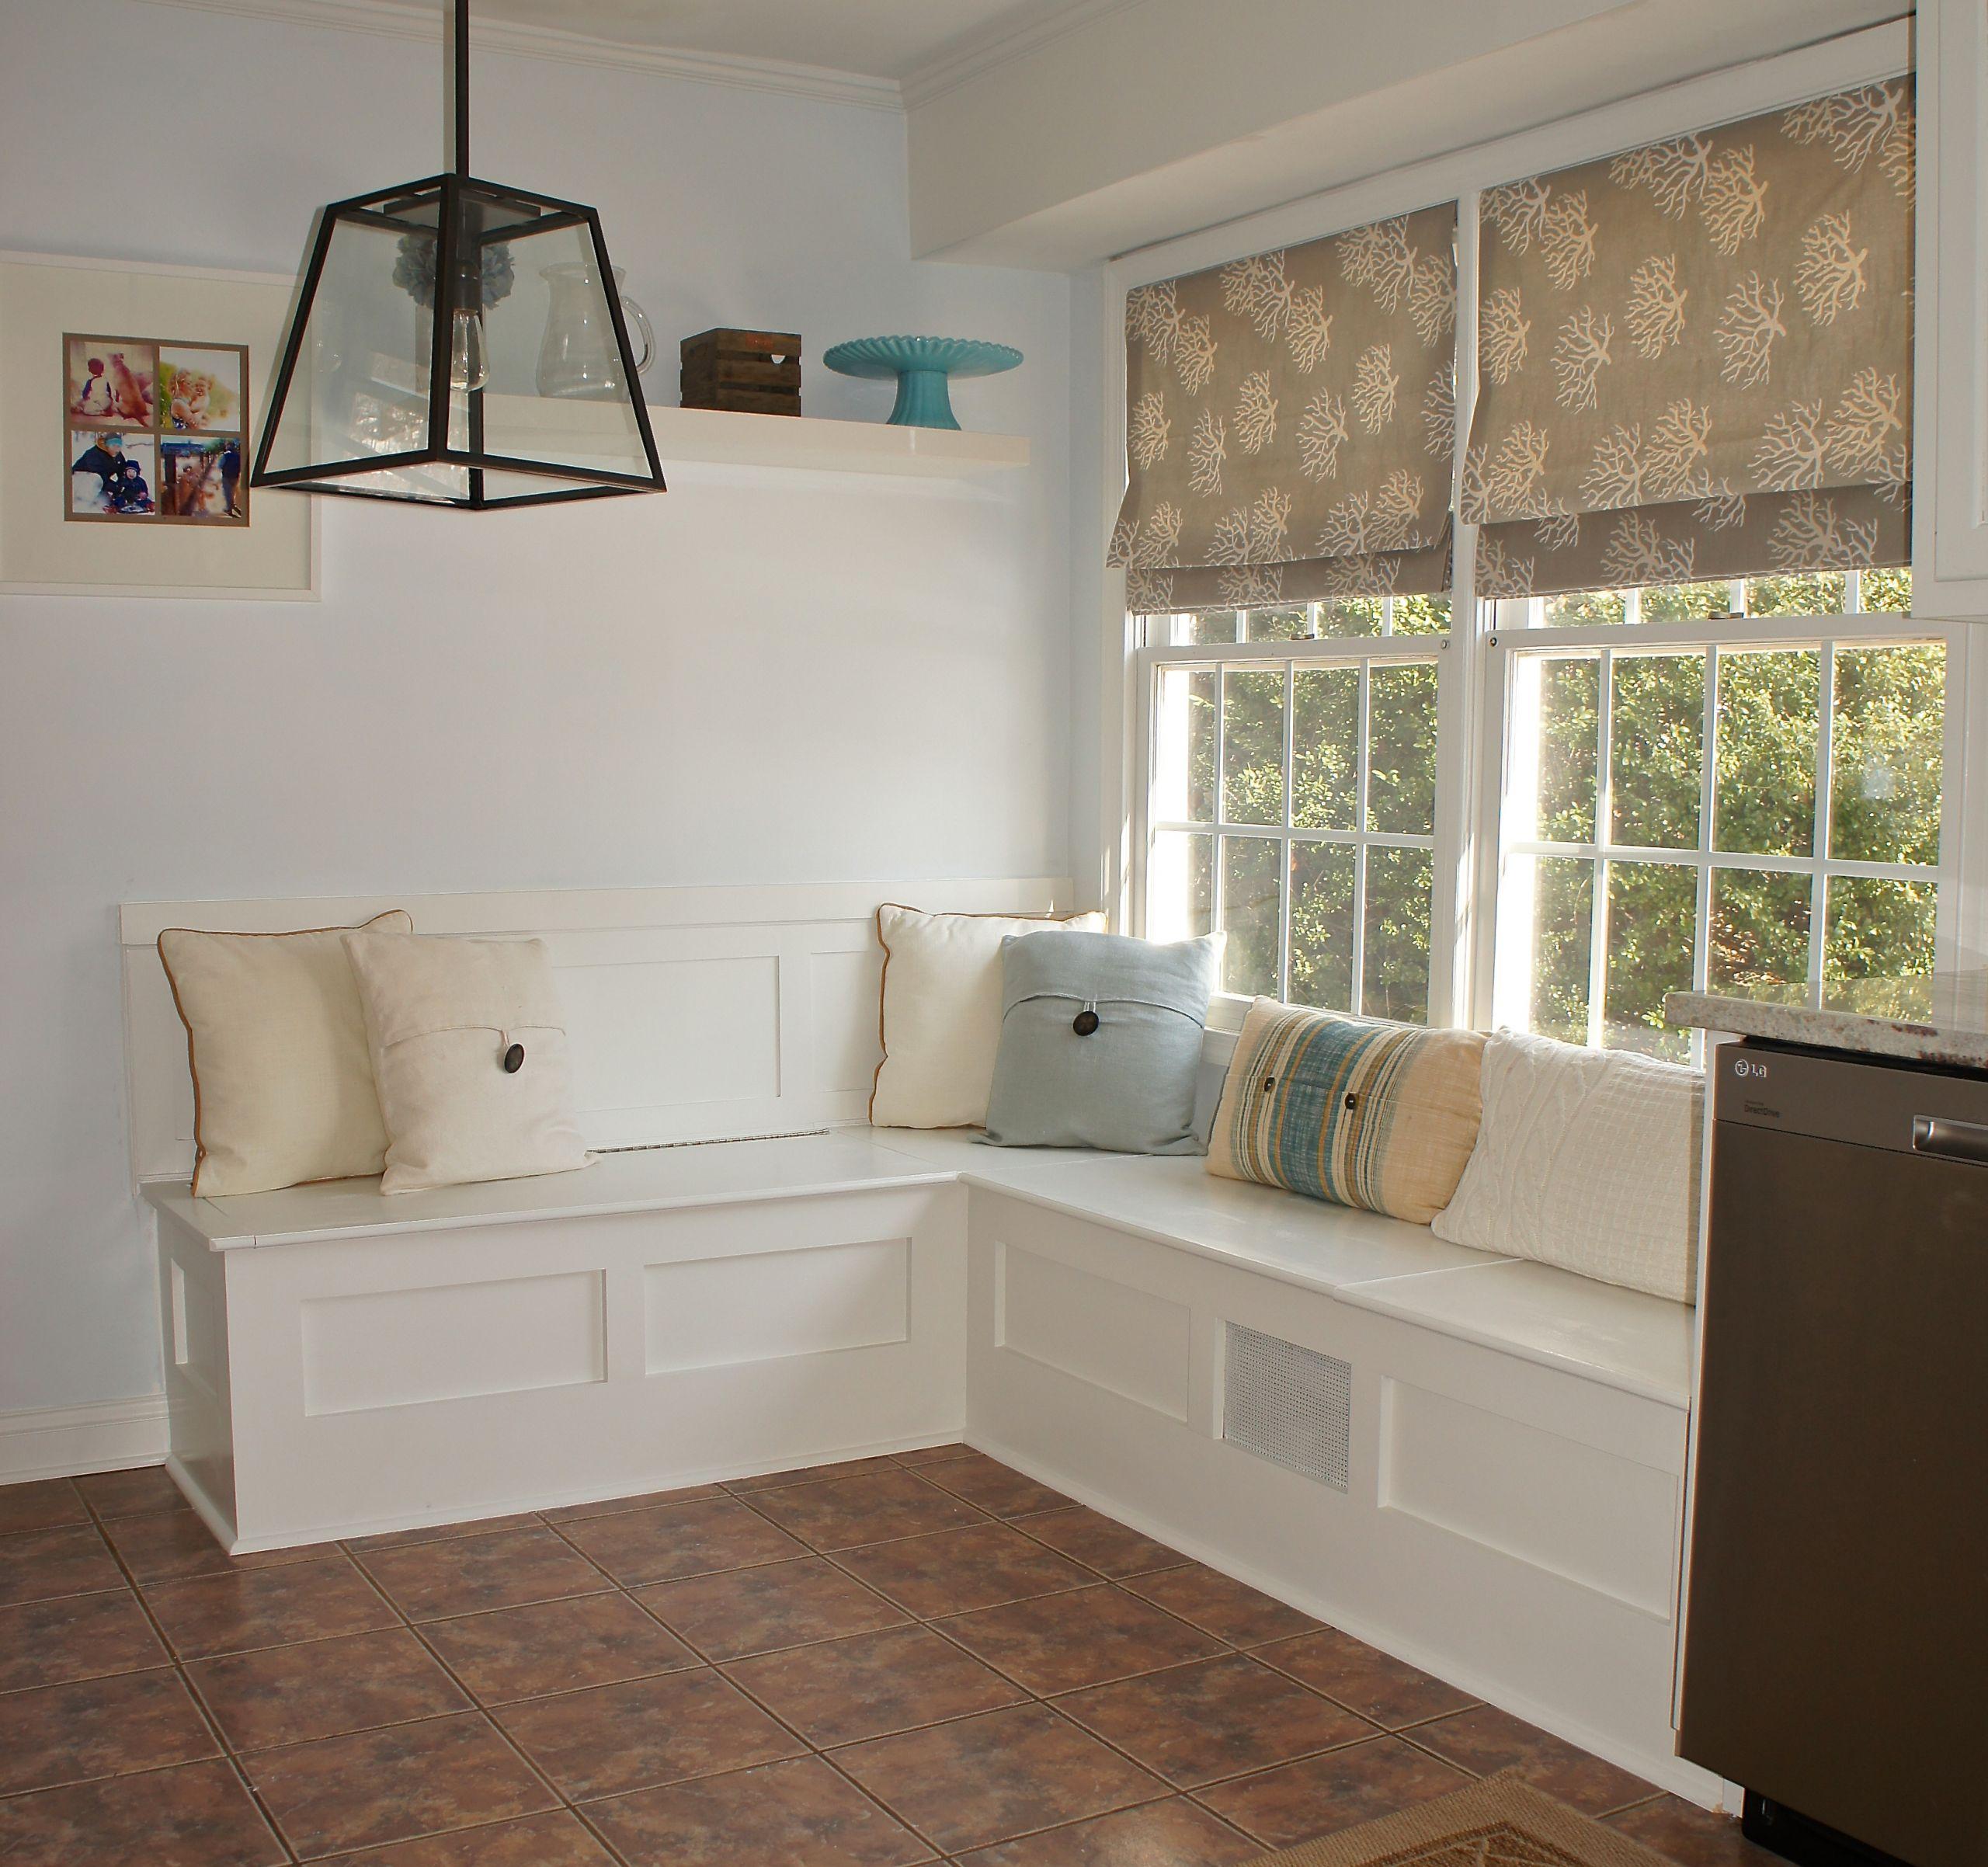 Kitchen Nooks With Storage  Breakfast Nook Bench